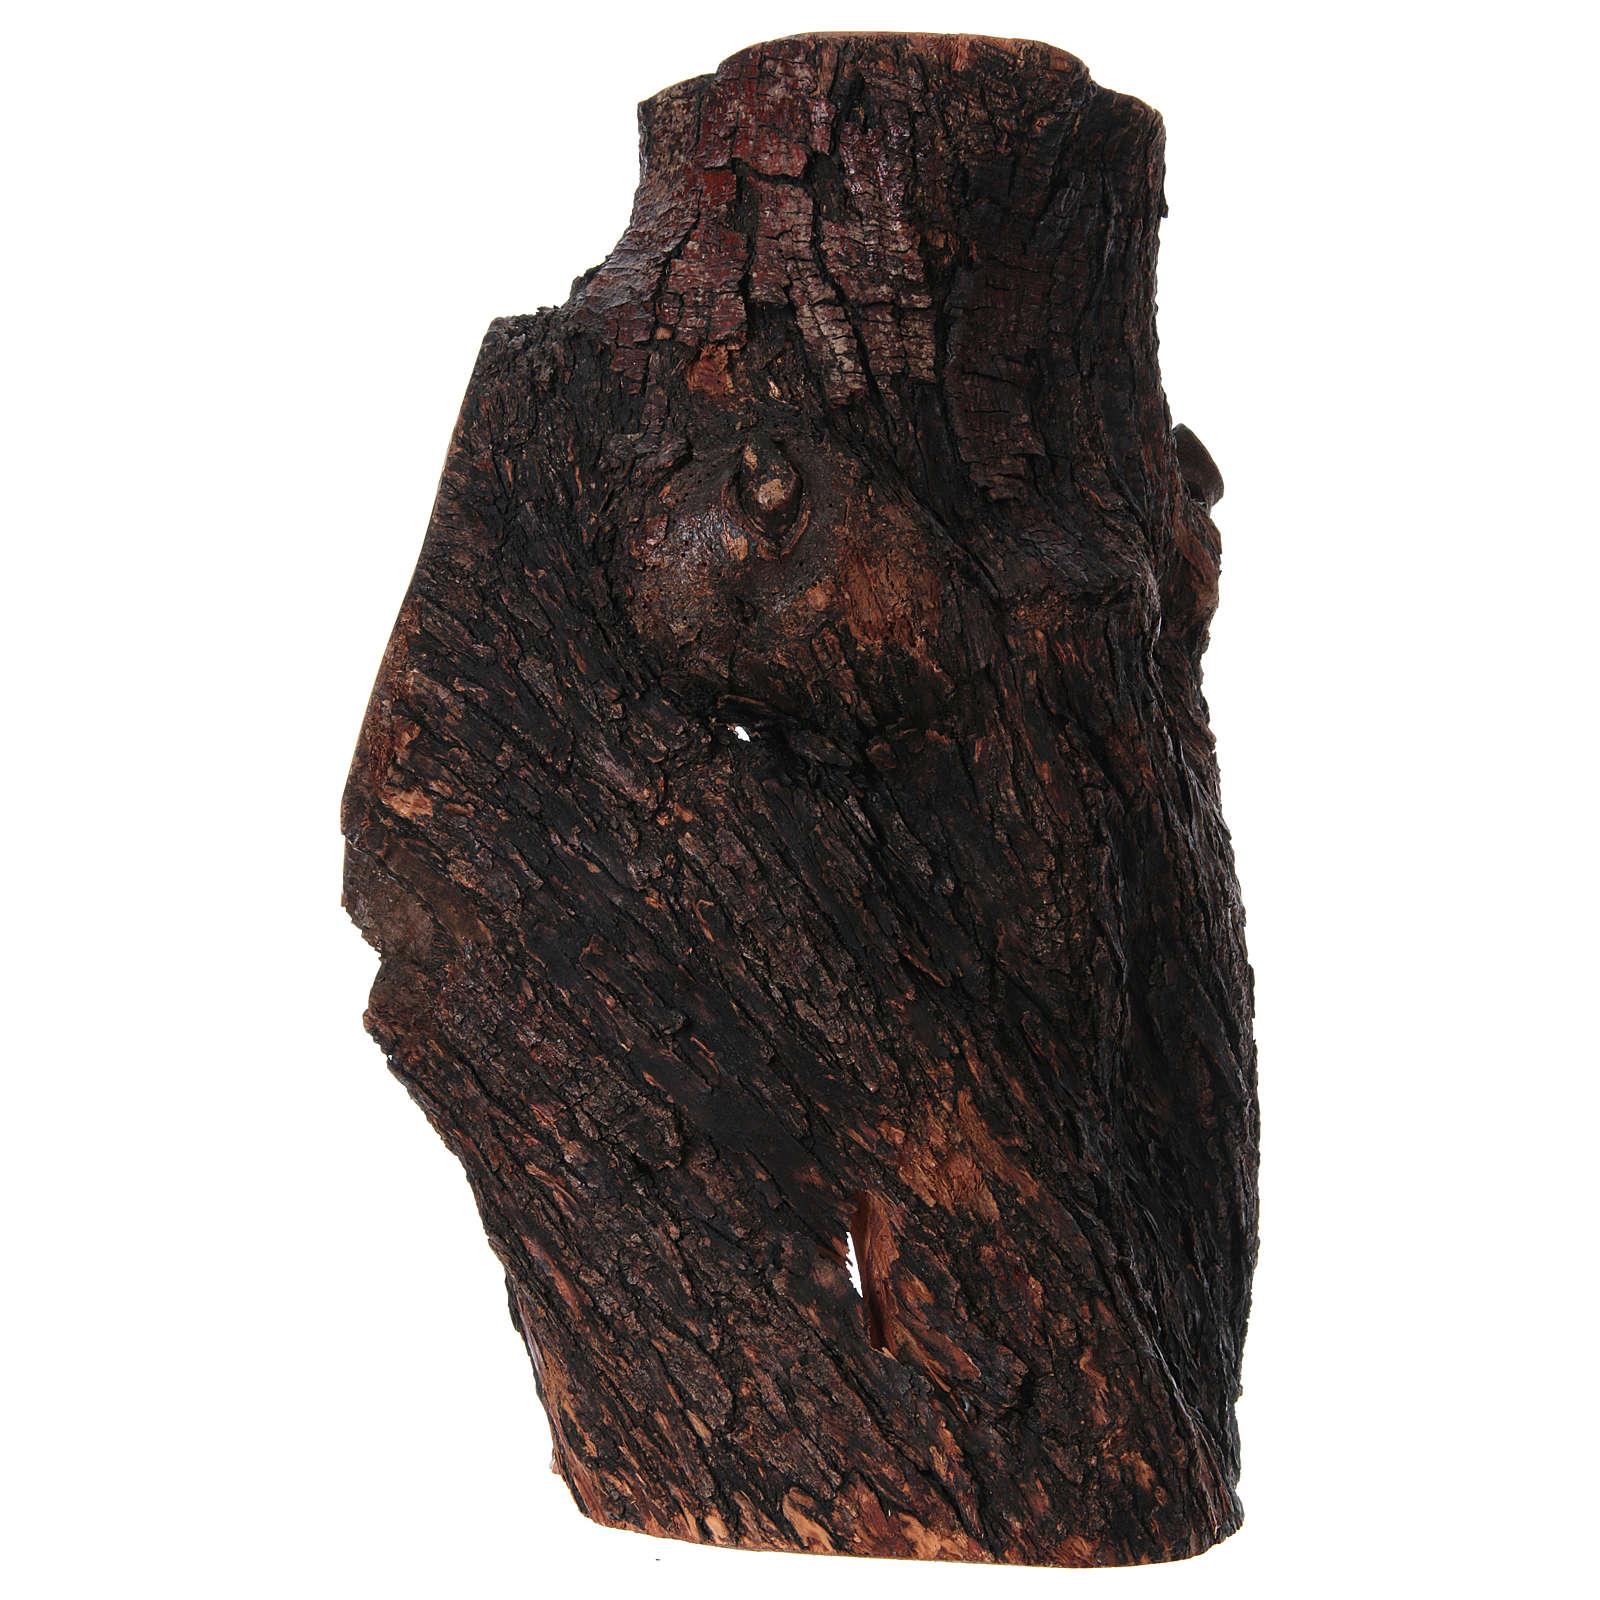 Presépio completo oliveira de Belém figuras altura média 21 cm em gruta natural 45x30x30 cm 4